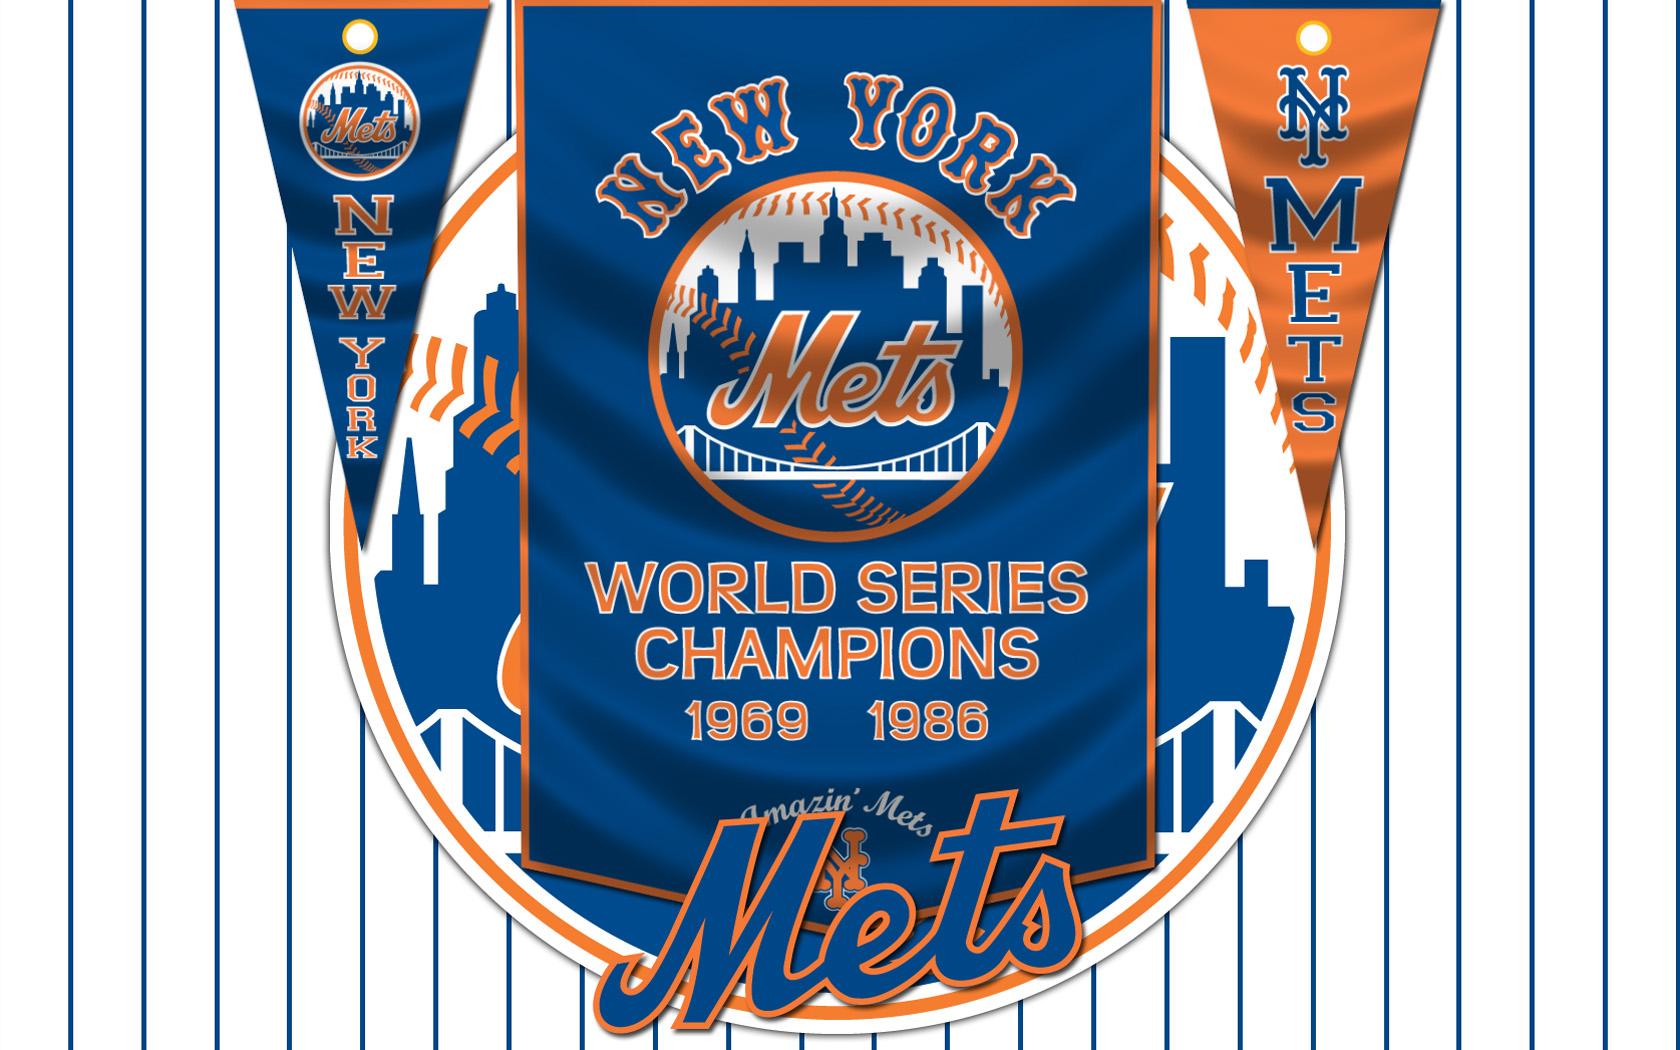 【メジャー1でラテン系選手が多い】Nueva York Metropolitanosが9年ぶりに優勝♬ →_b0032617_18555761.jpg